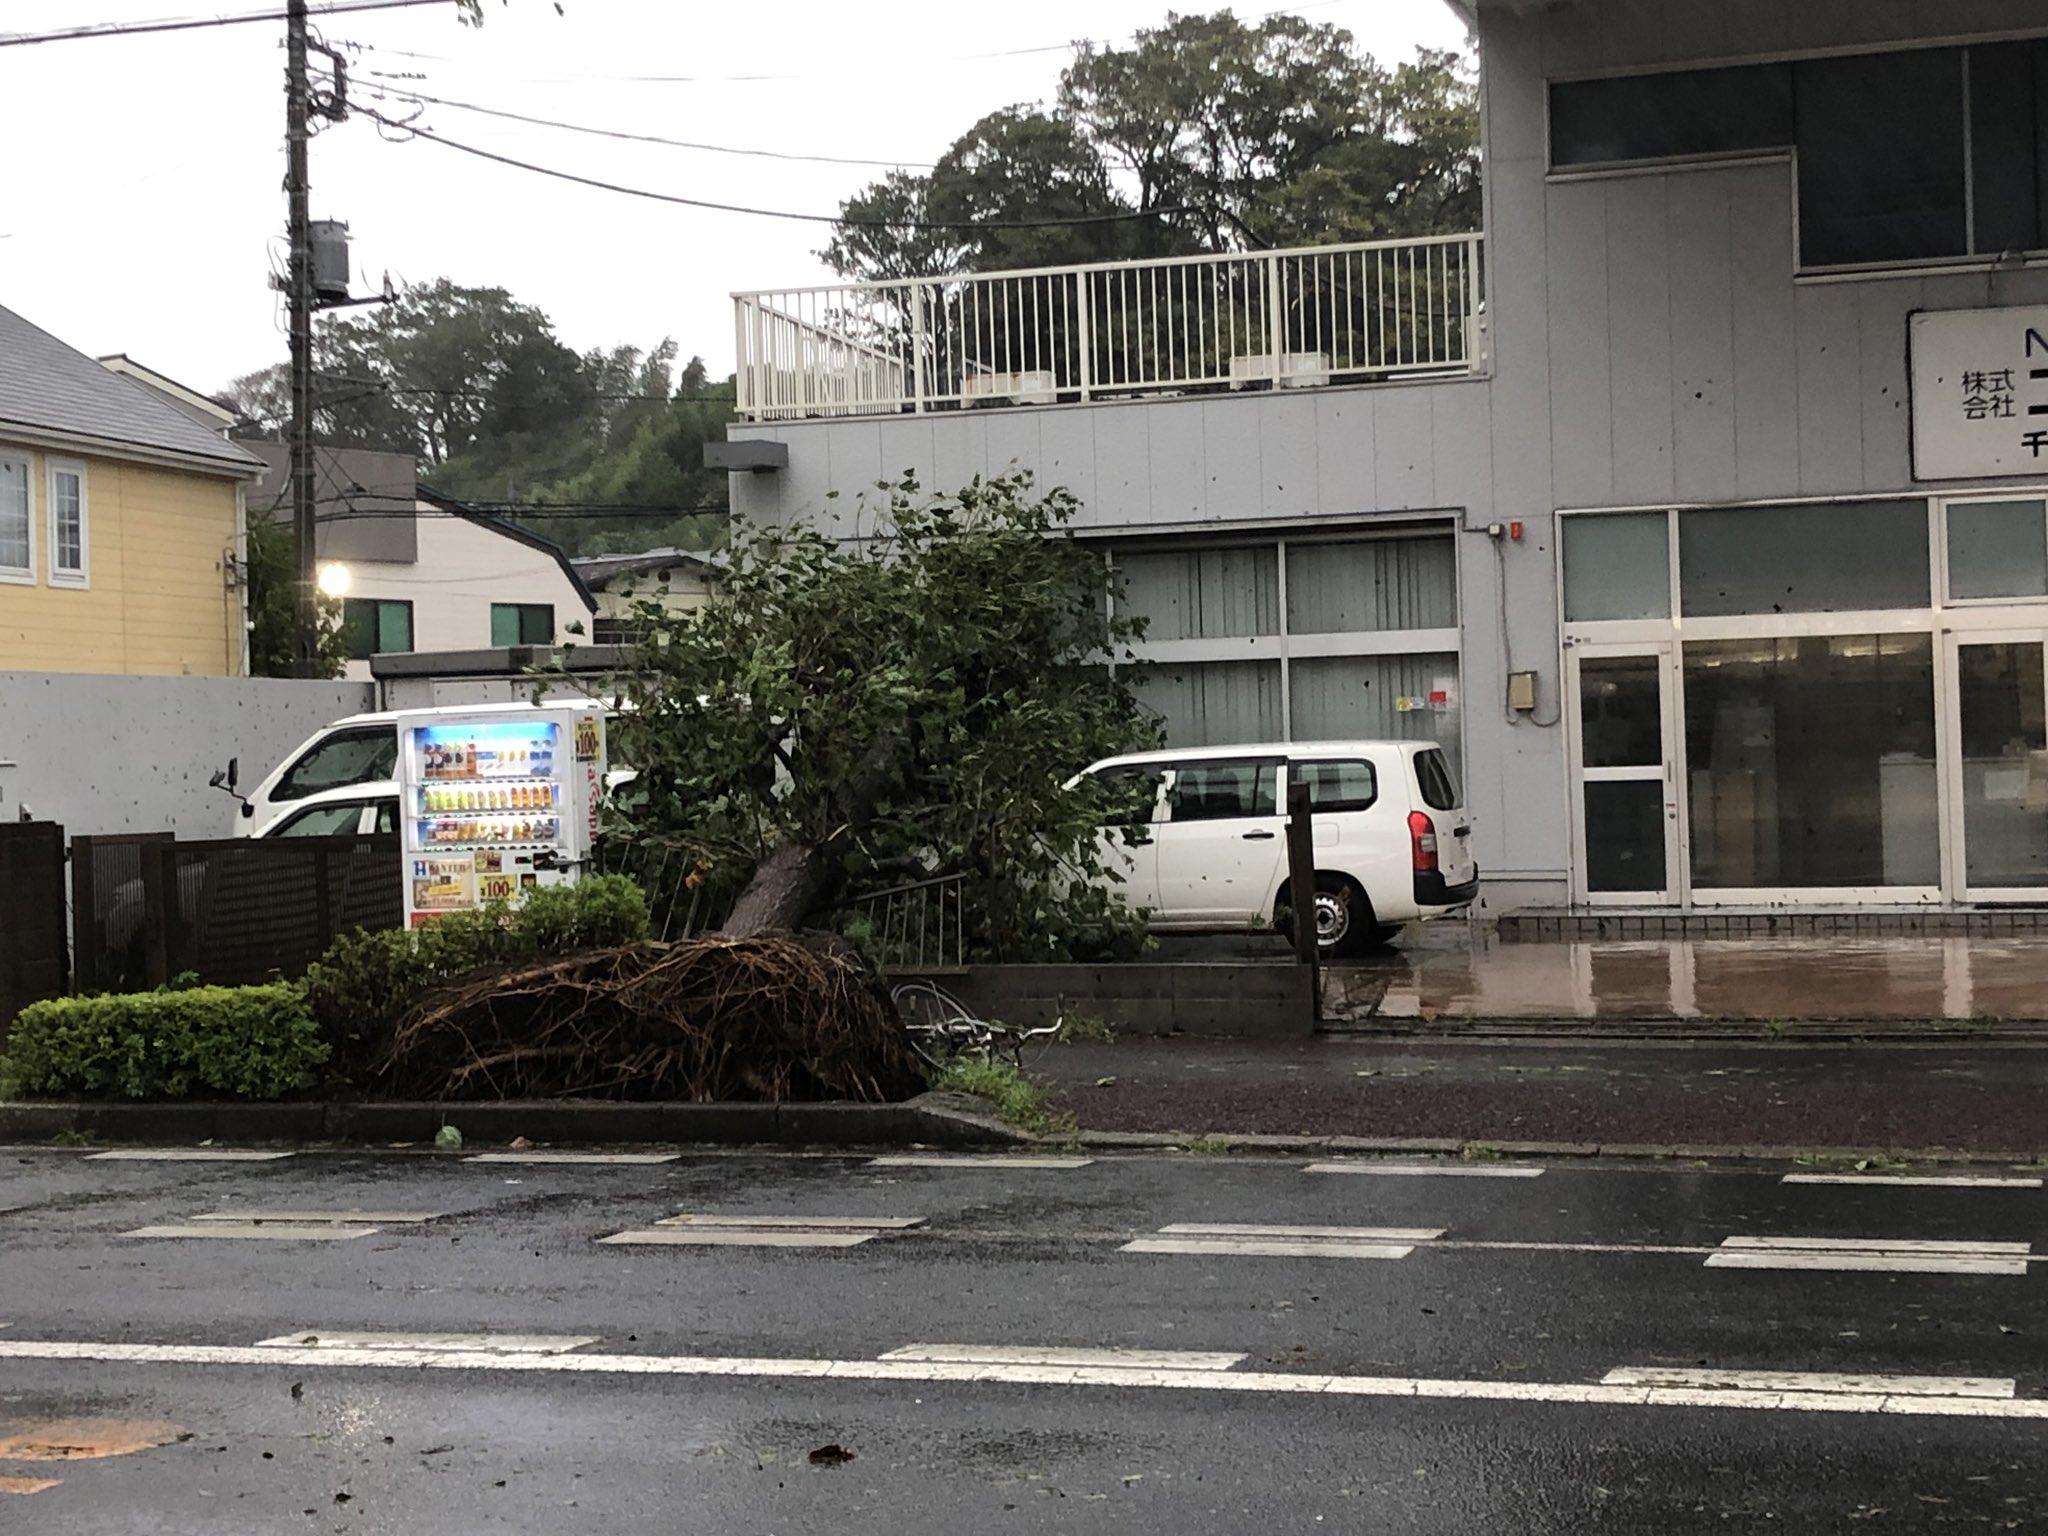 画像,街路樹が強風でなぎ倒されて建物に#台風15号#千葉県#千葉市#街路樹 https://t.co/B98dXX9nrT…